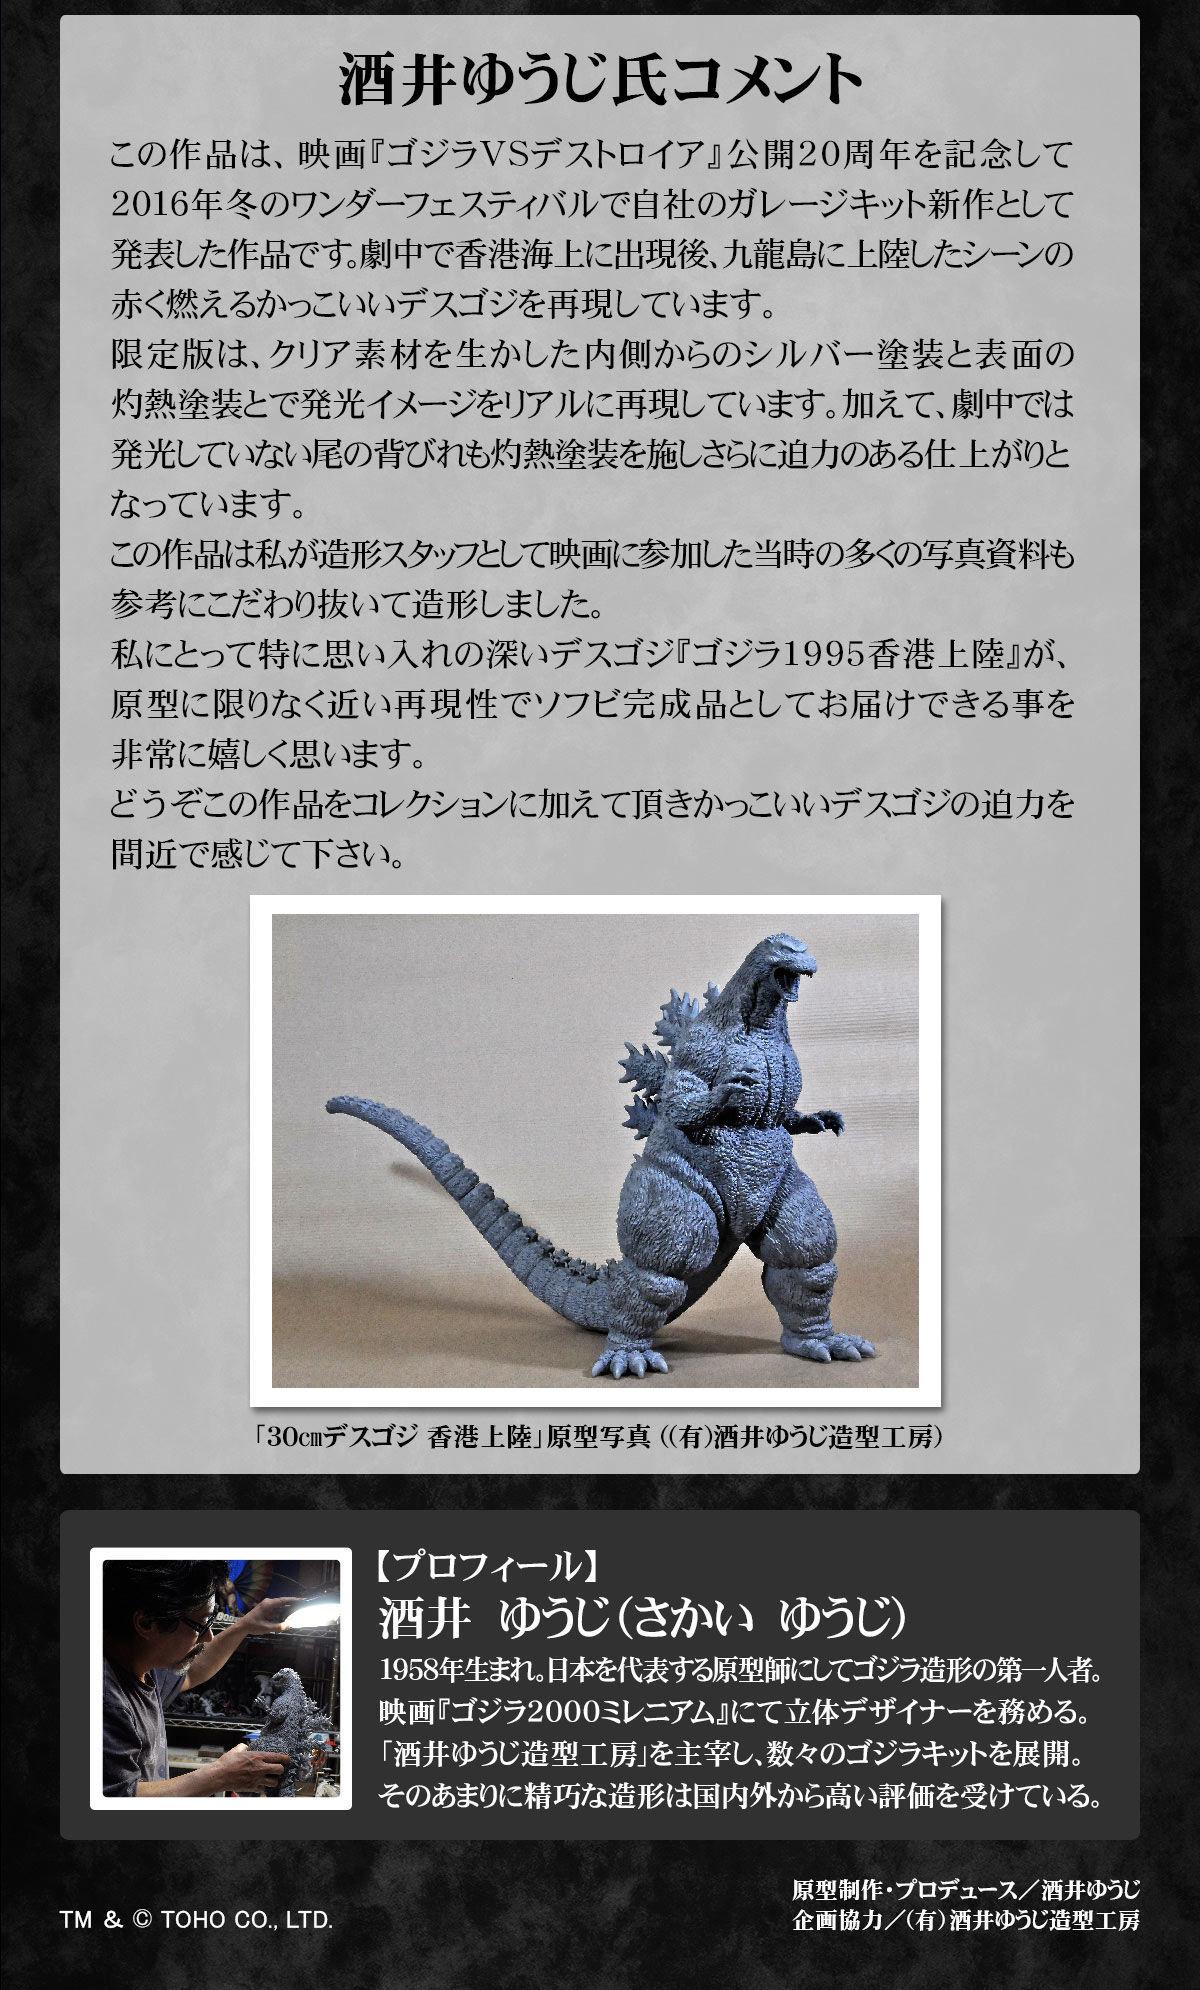 東宝30cmシリーズ 酒井ゆうじ造形コレクション ゴジラ(1995) 香港上陸 限定版09